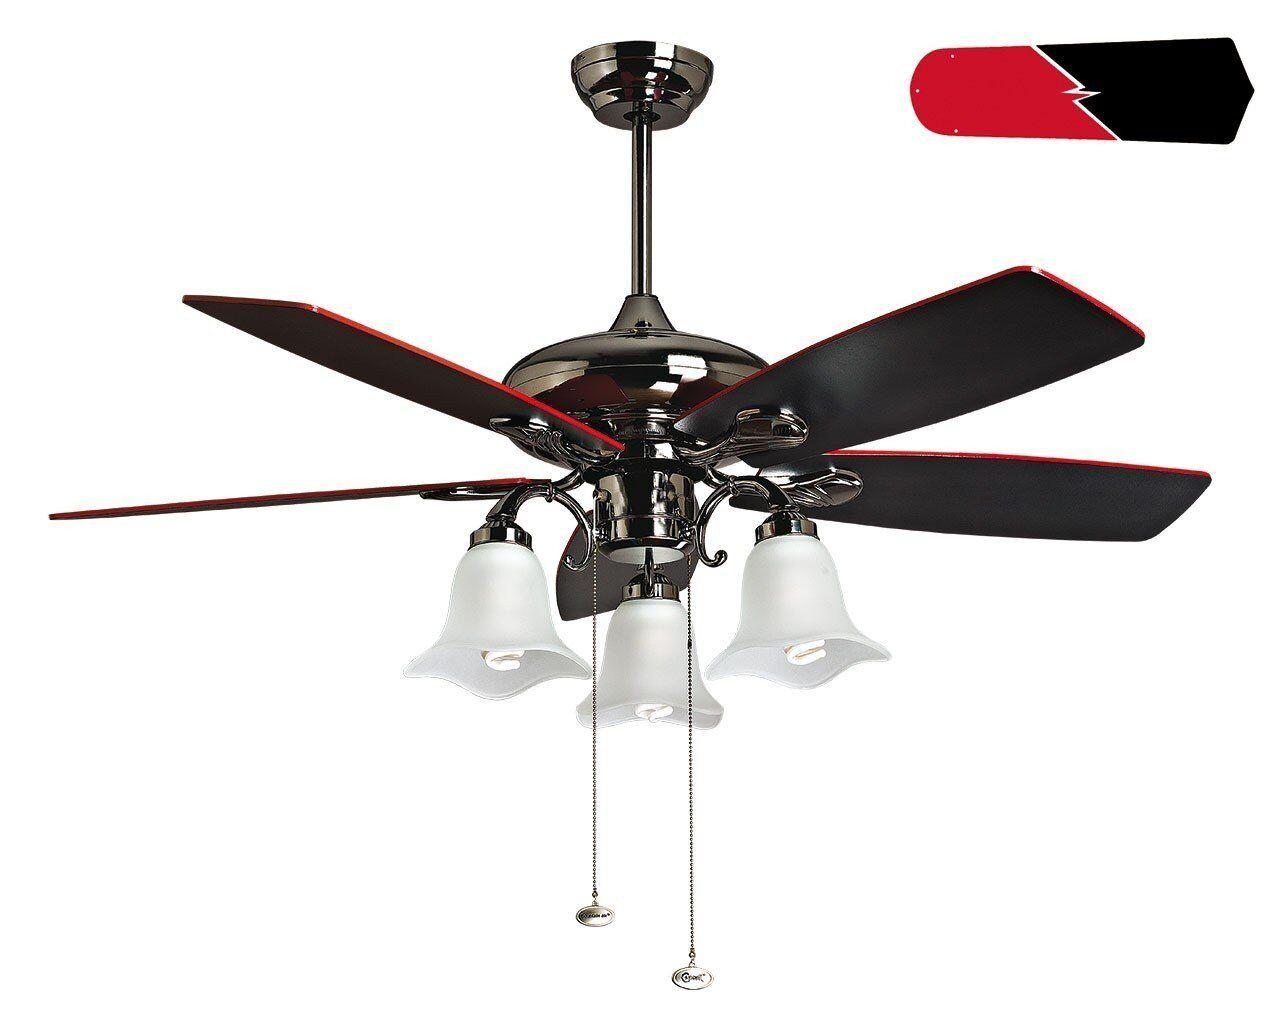 KlassFan RedWin from Purline By KlassFan a reversible black nickel-plated ceiling fan,black/red blades, with led light